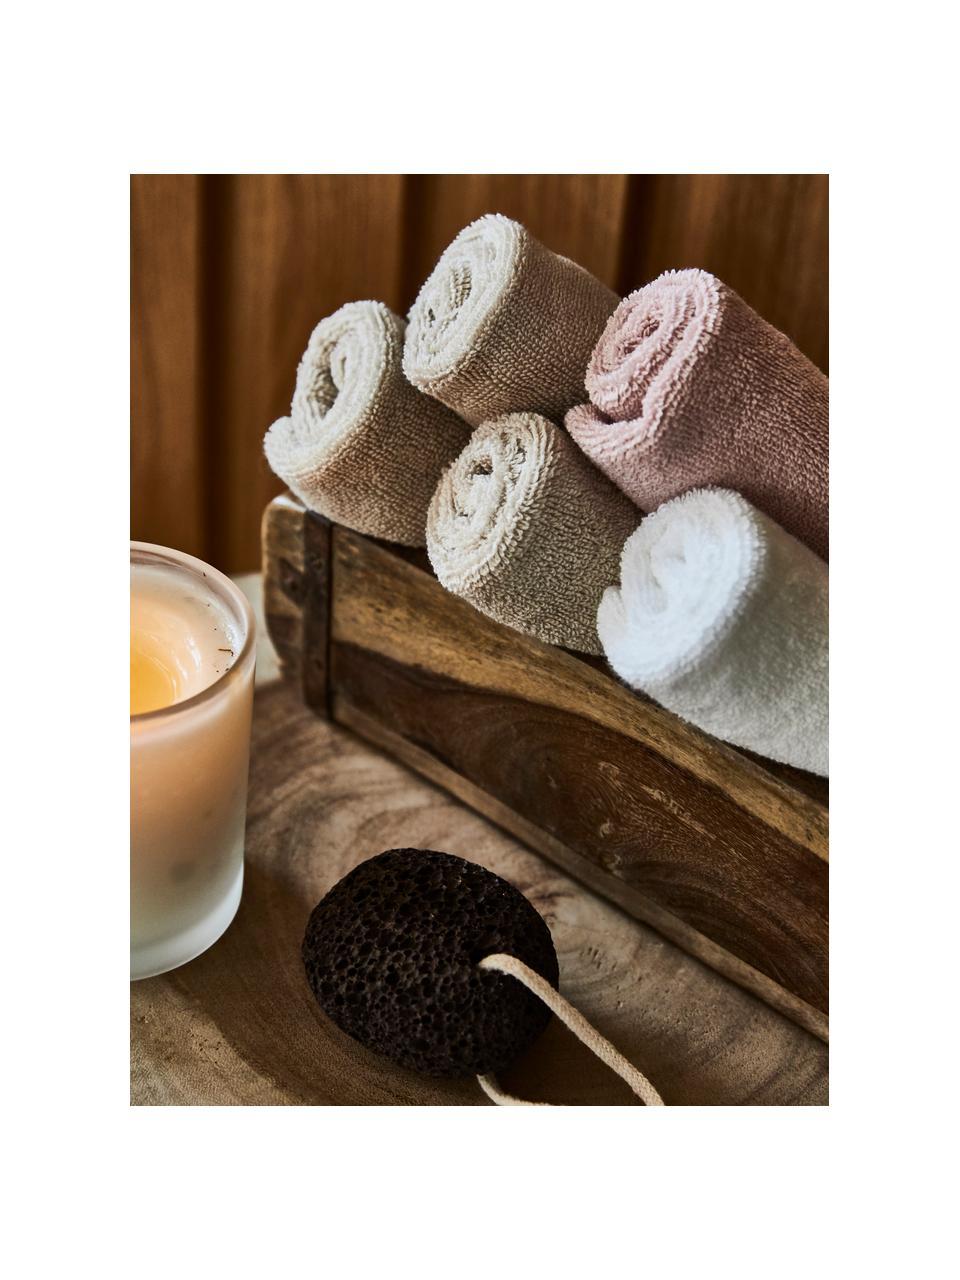 Handdoek Premium in verschillende formaten, met klassiek sierborduursel, Beige, Handdoek